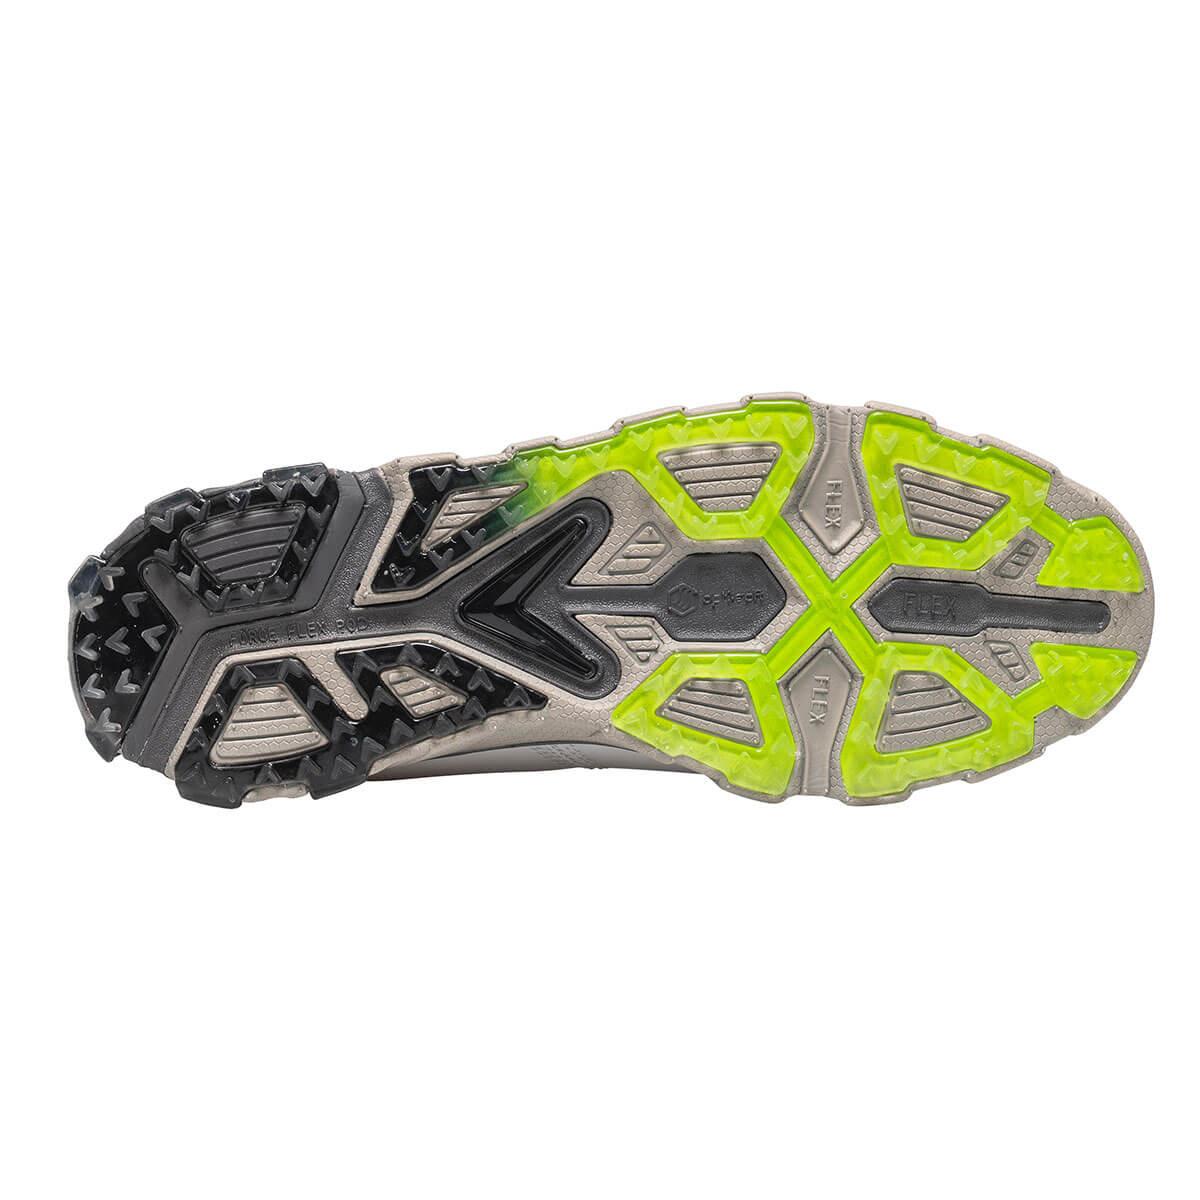 Callaway Apex Pro Spikeless heren golf schoenen - Wit/Grijs